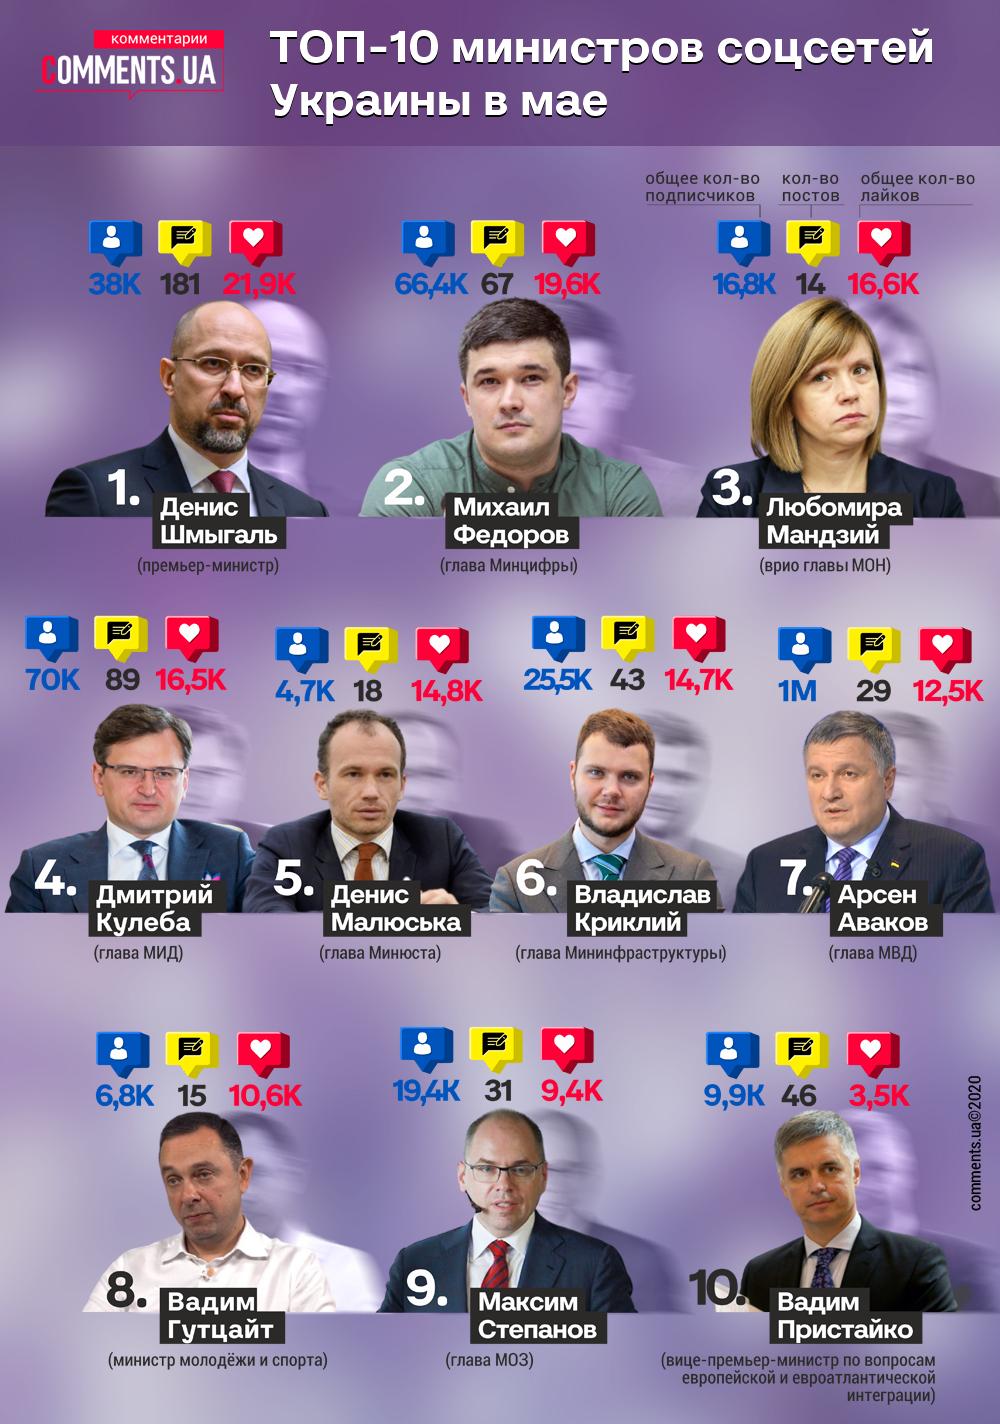 """""""Министр соцсетей"""" Украины в мае: Кабмин резко теряет популярность в Сети - фото 3"""